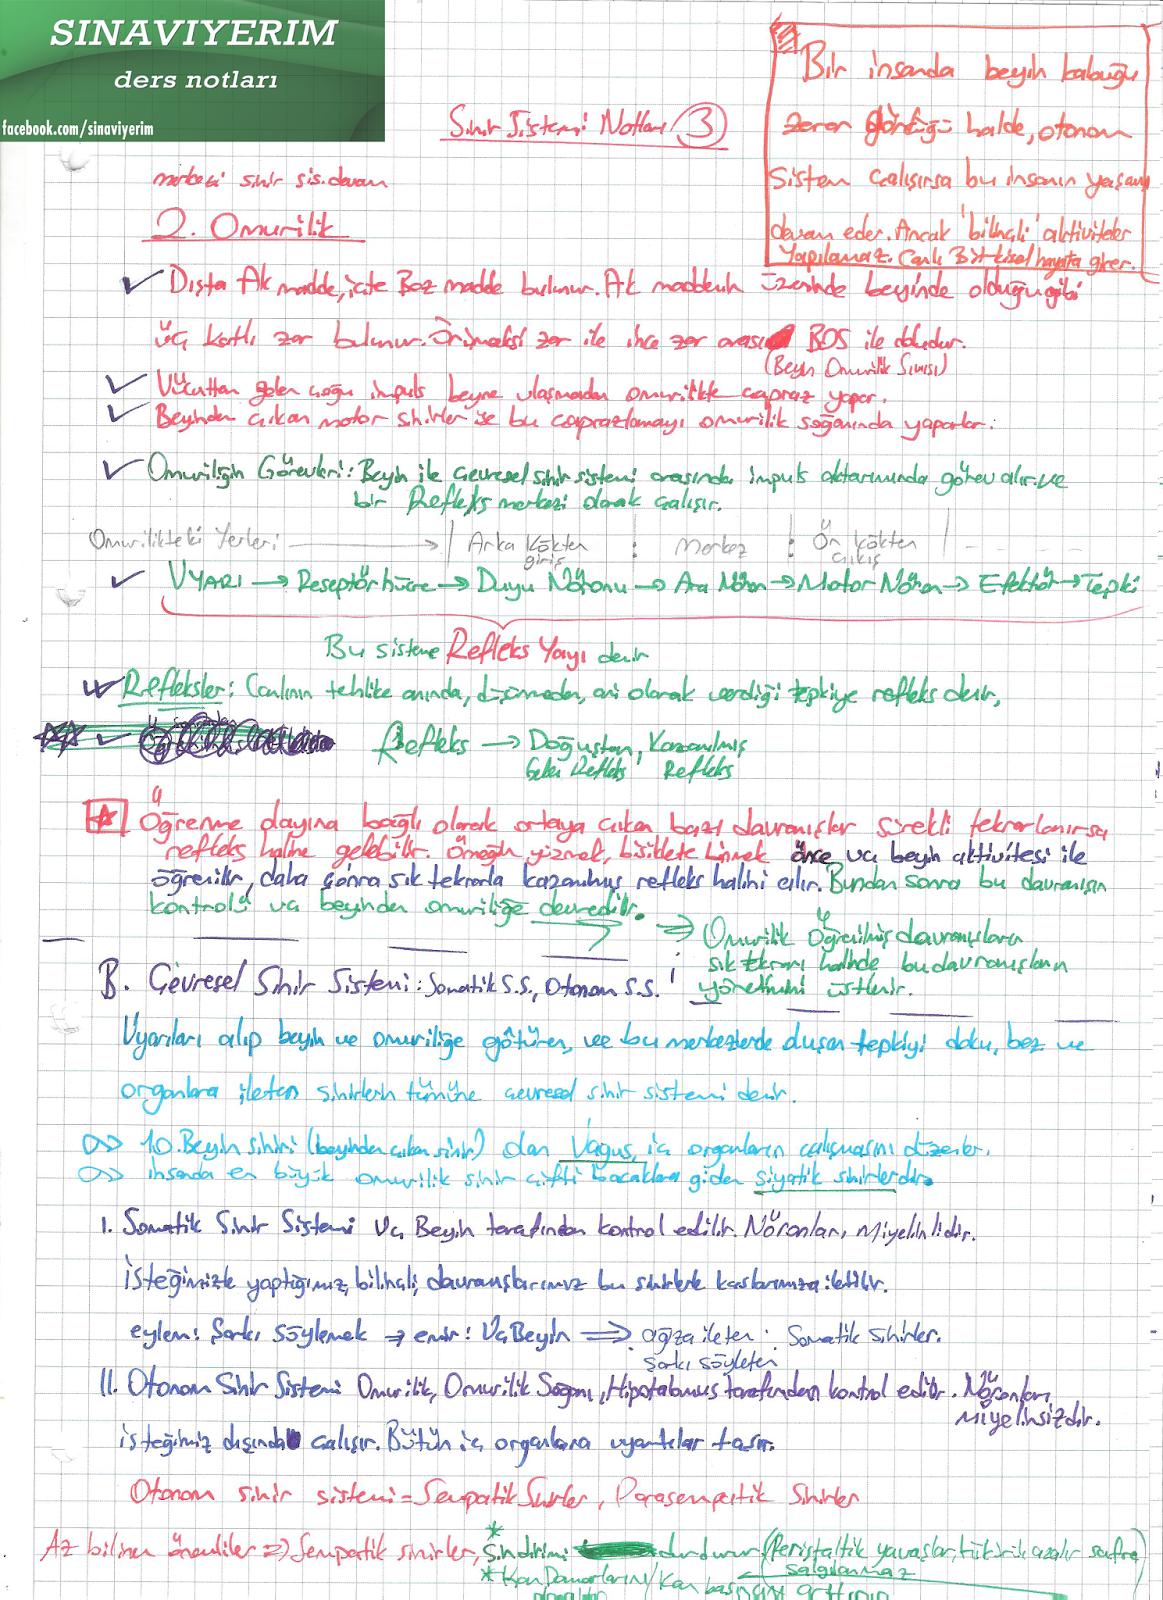 biyoloji sinir sistemi konu anlatımı